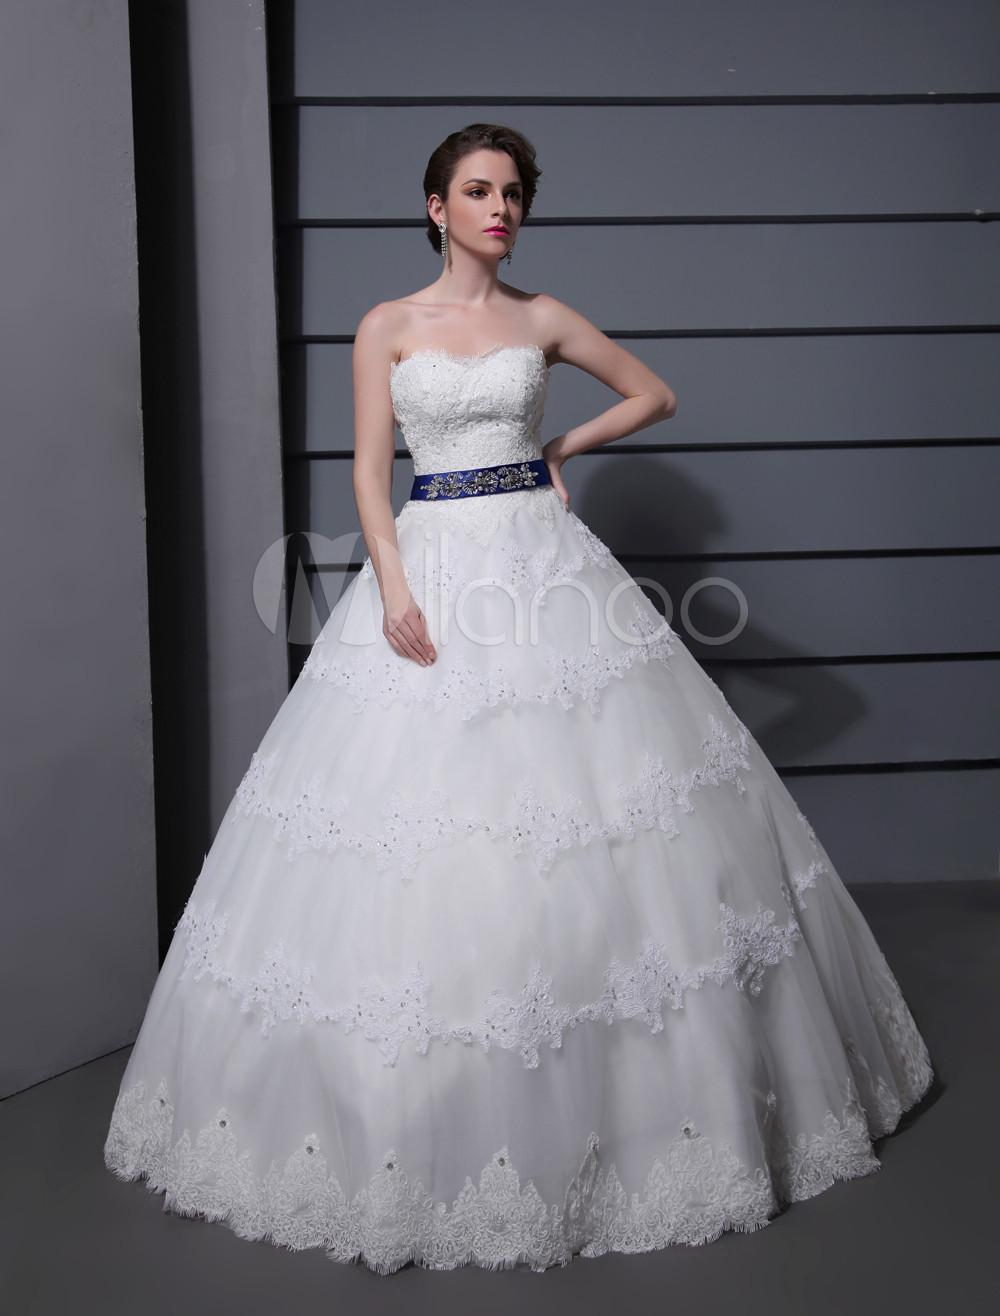 Abito da sposa con collo a cuore da ballo di pizzo bianco for Cappuccio da cabina da ballo